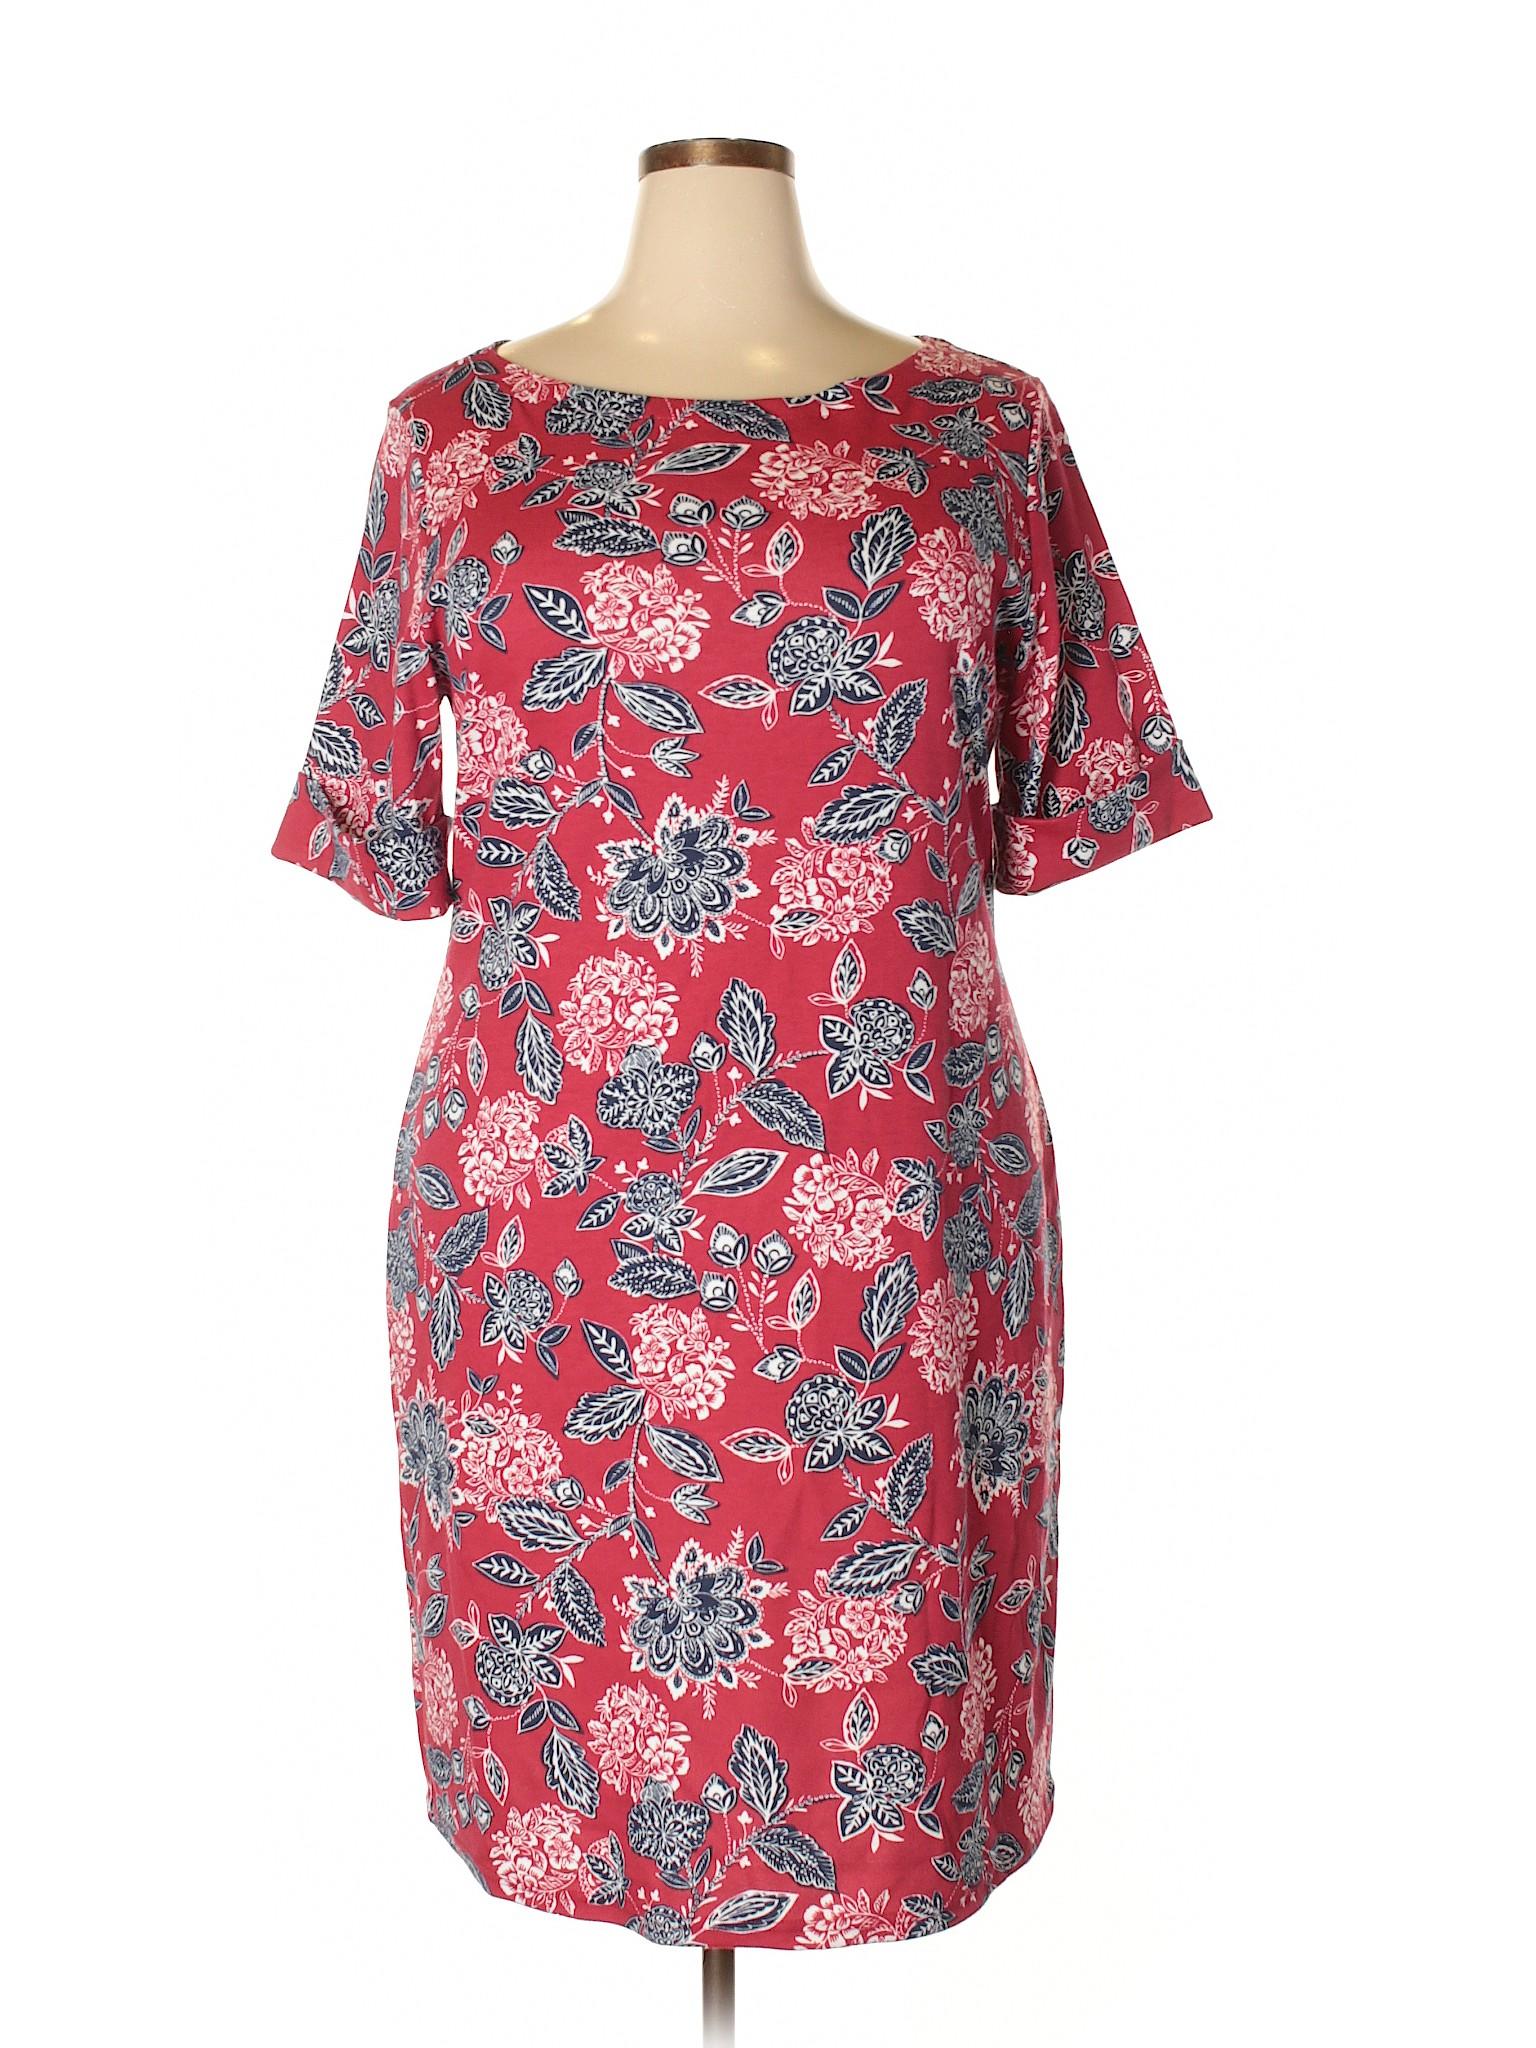 Scott Winter Dress Casual Karen Boutique 8qXxw6A8